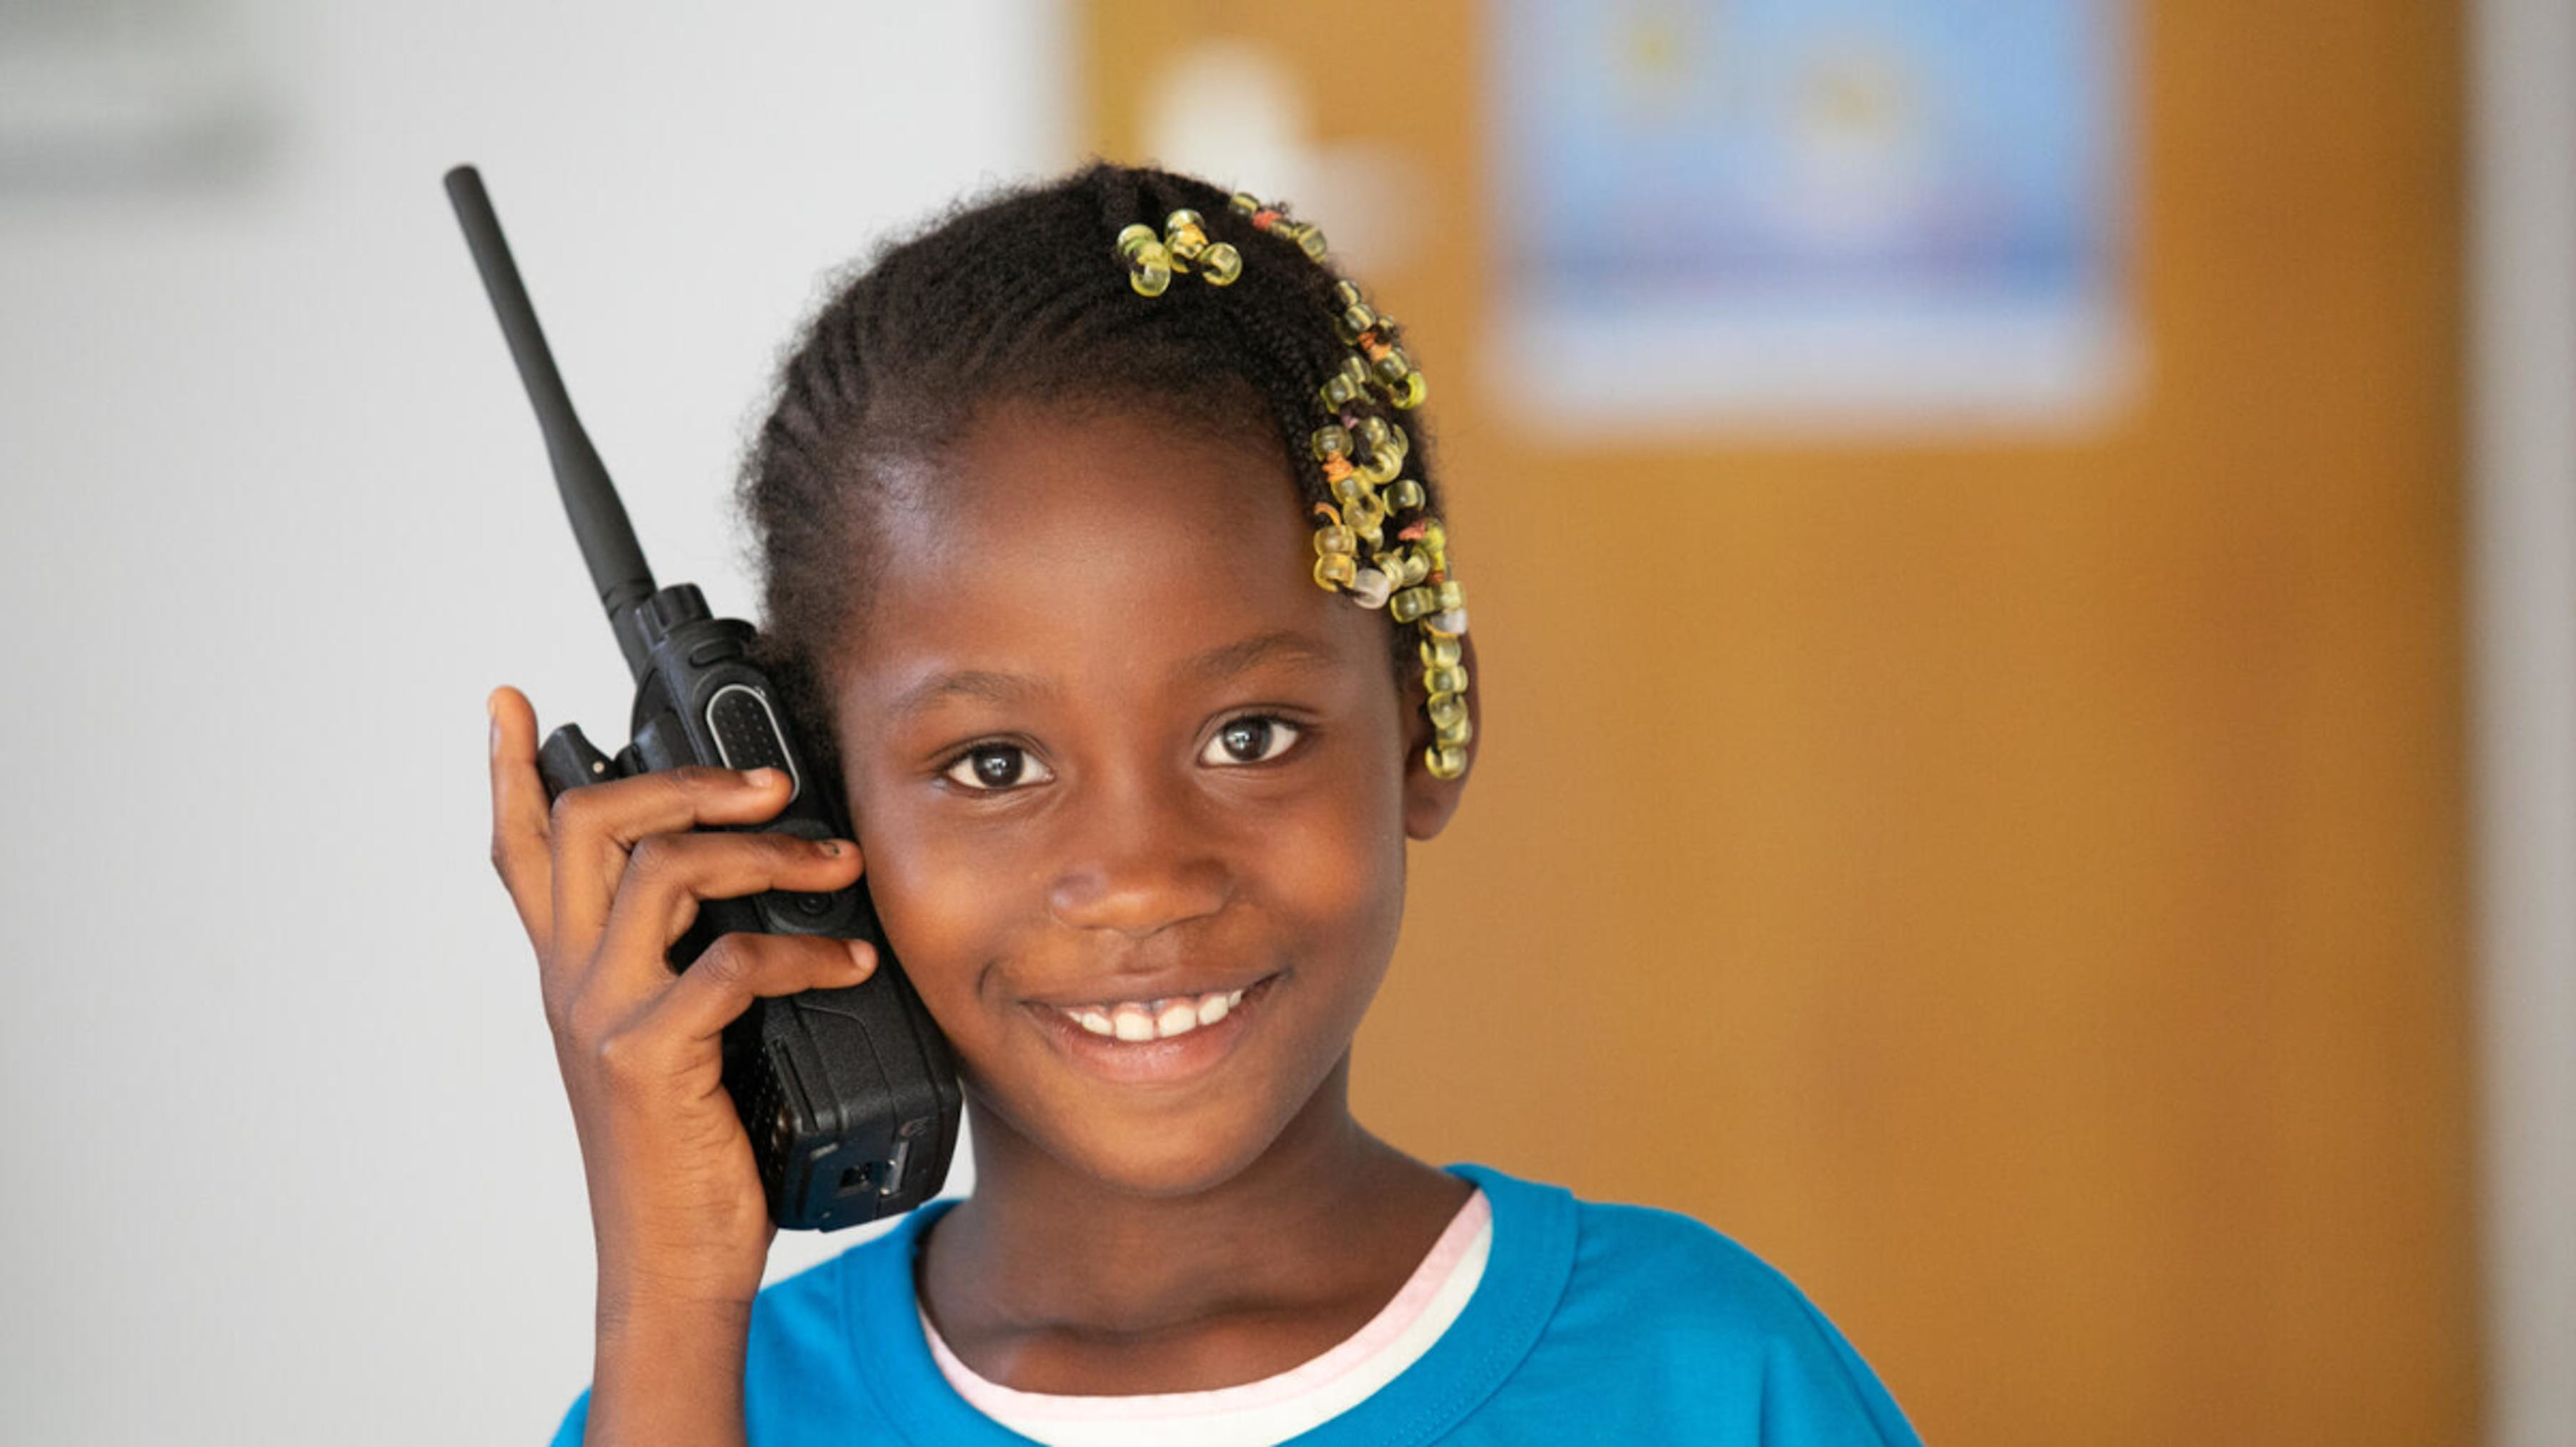 bambini, giornata mondiale dell'infanzia